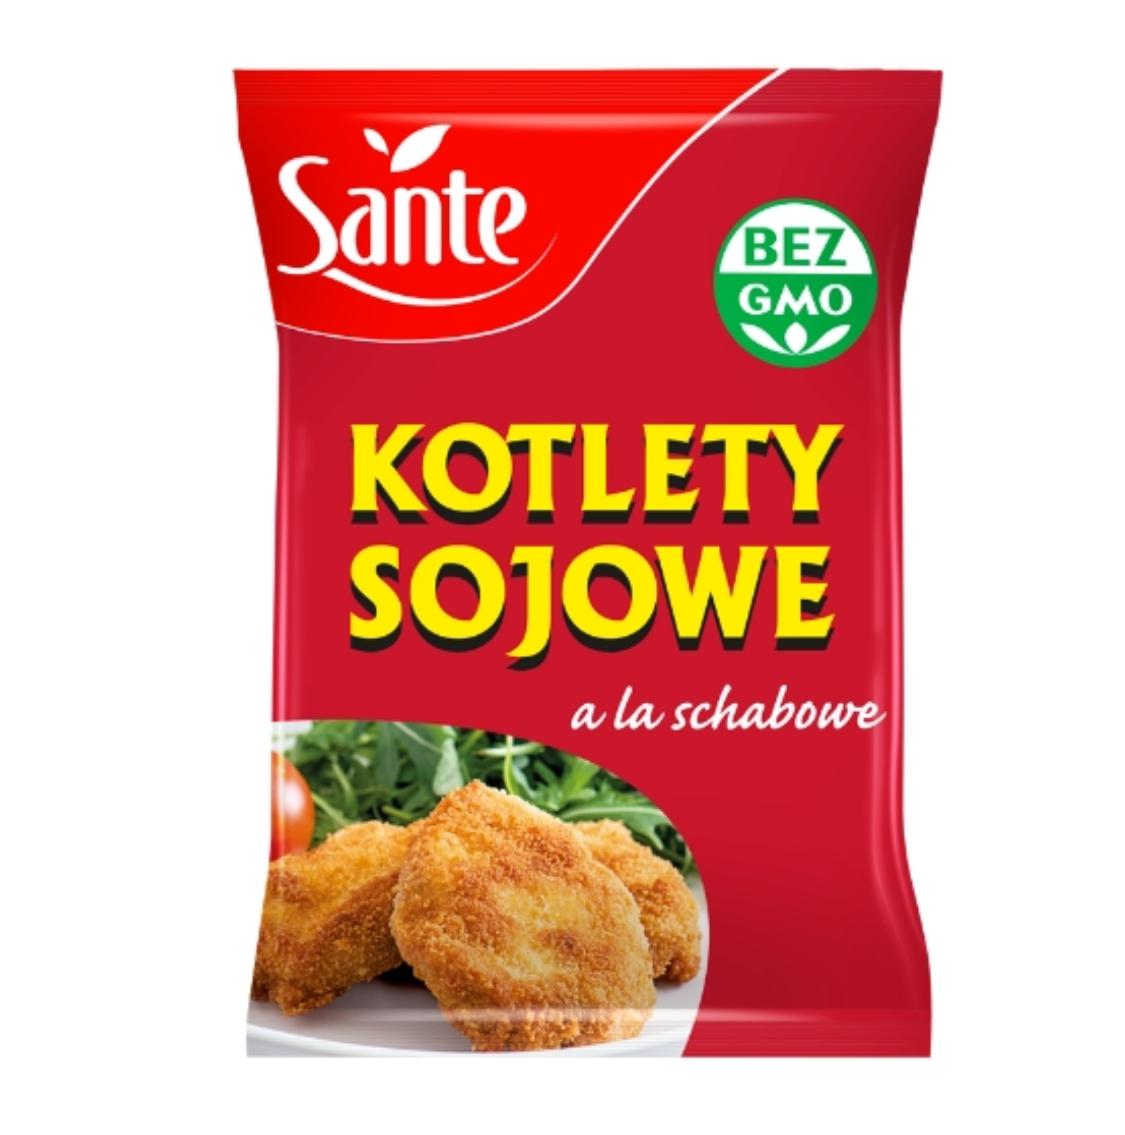 KOTLETY SOJOWE A LA SCHABOWE - SANTE 100g